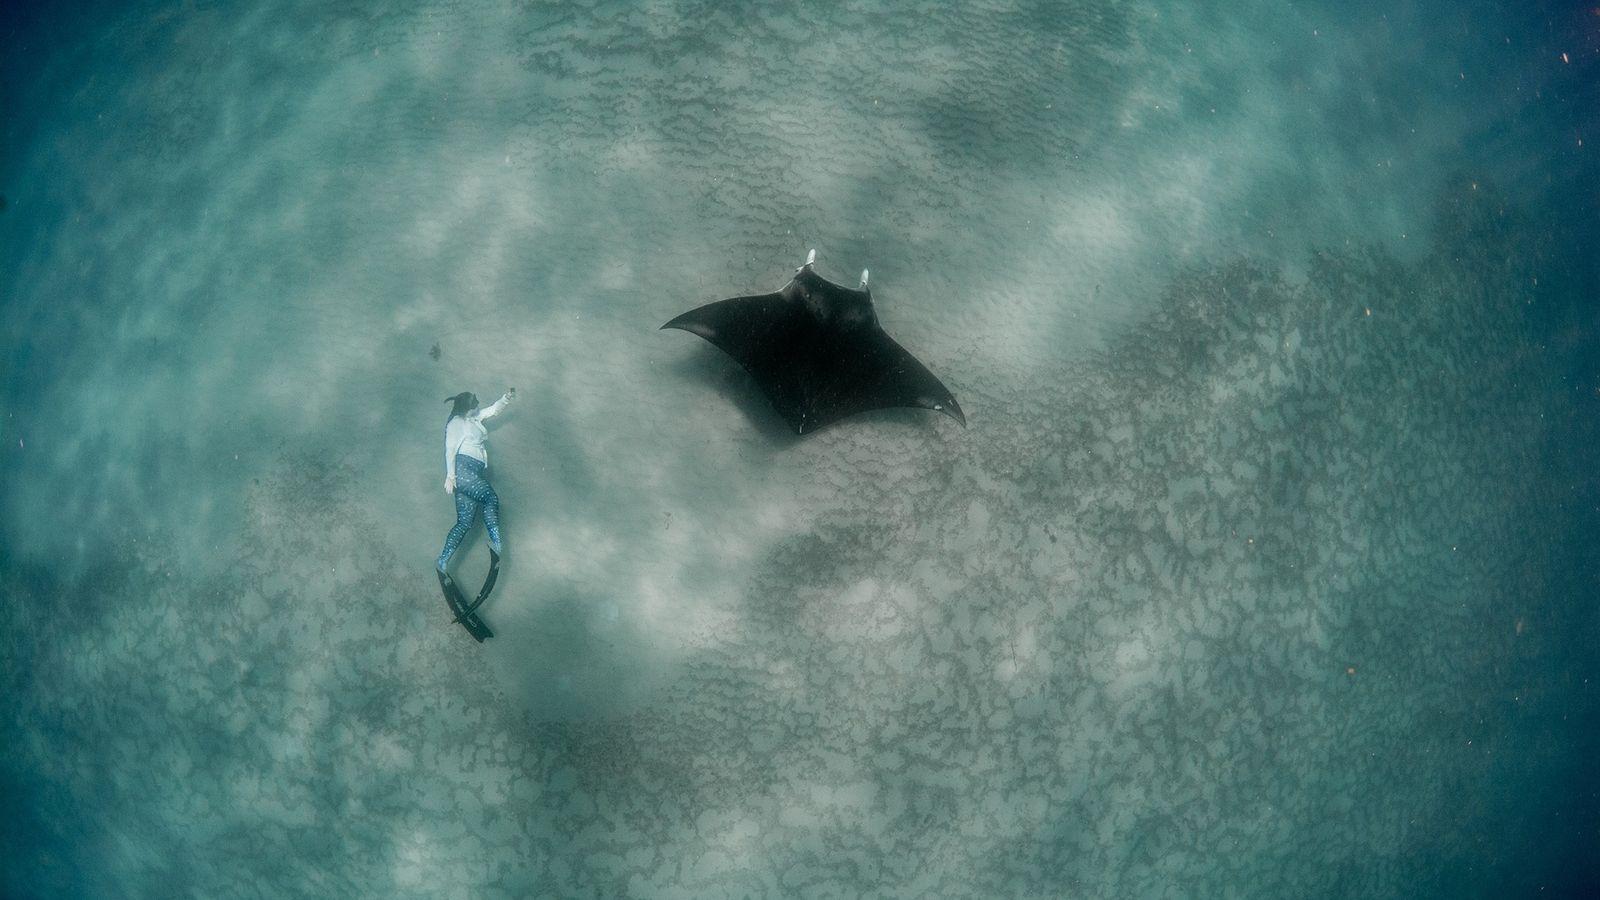 La chercheuse Christina Coppenrath immortalise sa plongée aux côtés d'une jeune raie manta dans le sud ...